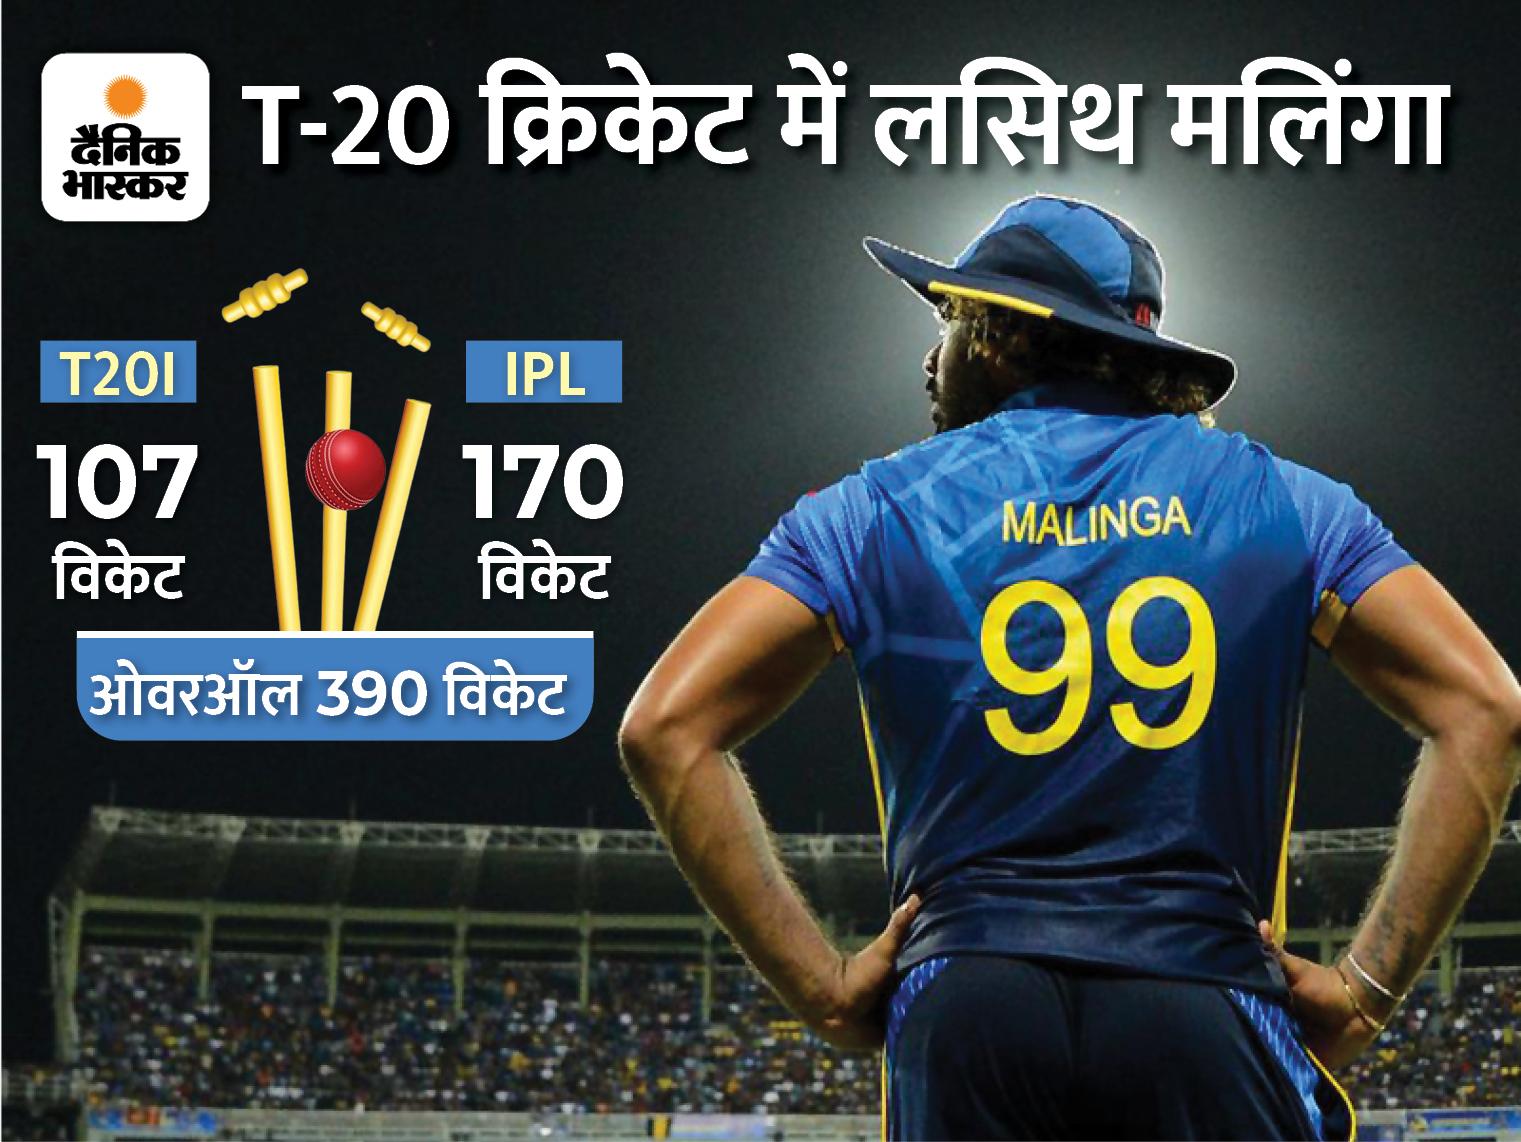 क्रिकेट के सबसे छोटे फॉर्मेट में 390 विकेट ले चुके हैं श्रीलंका के तेज गेंदबाज, IPL में हैं नंबर-1 गेंदबाज|क्रिकेट,Cricket - Dainik Bhaskar